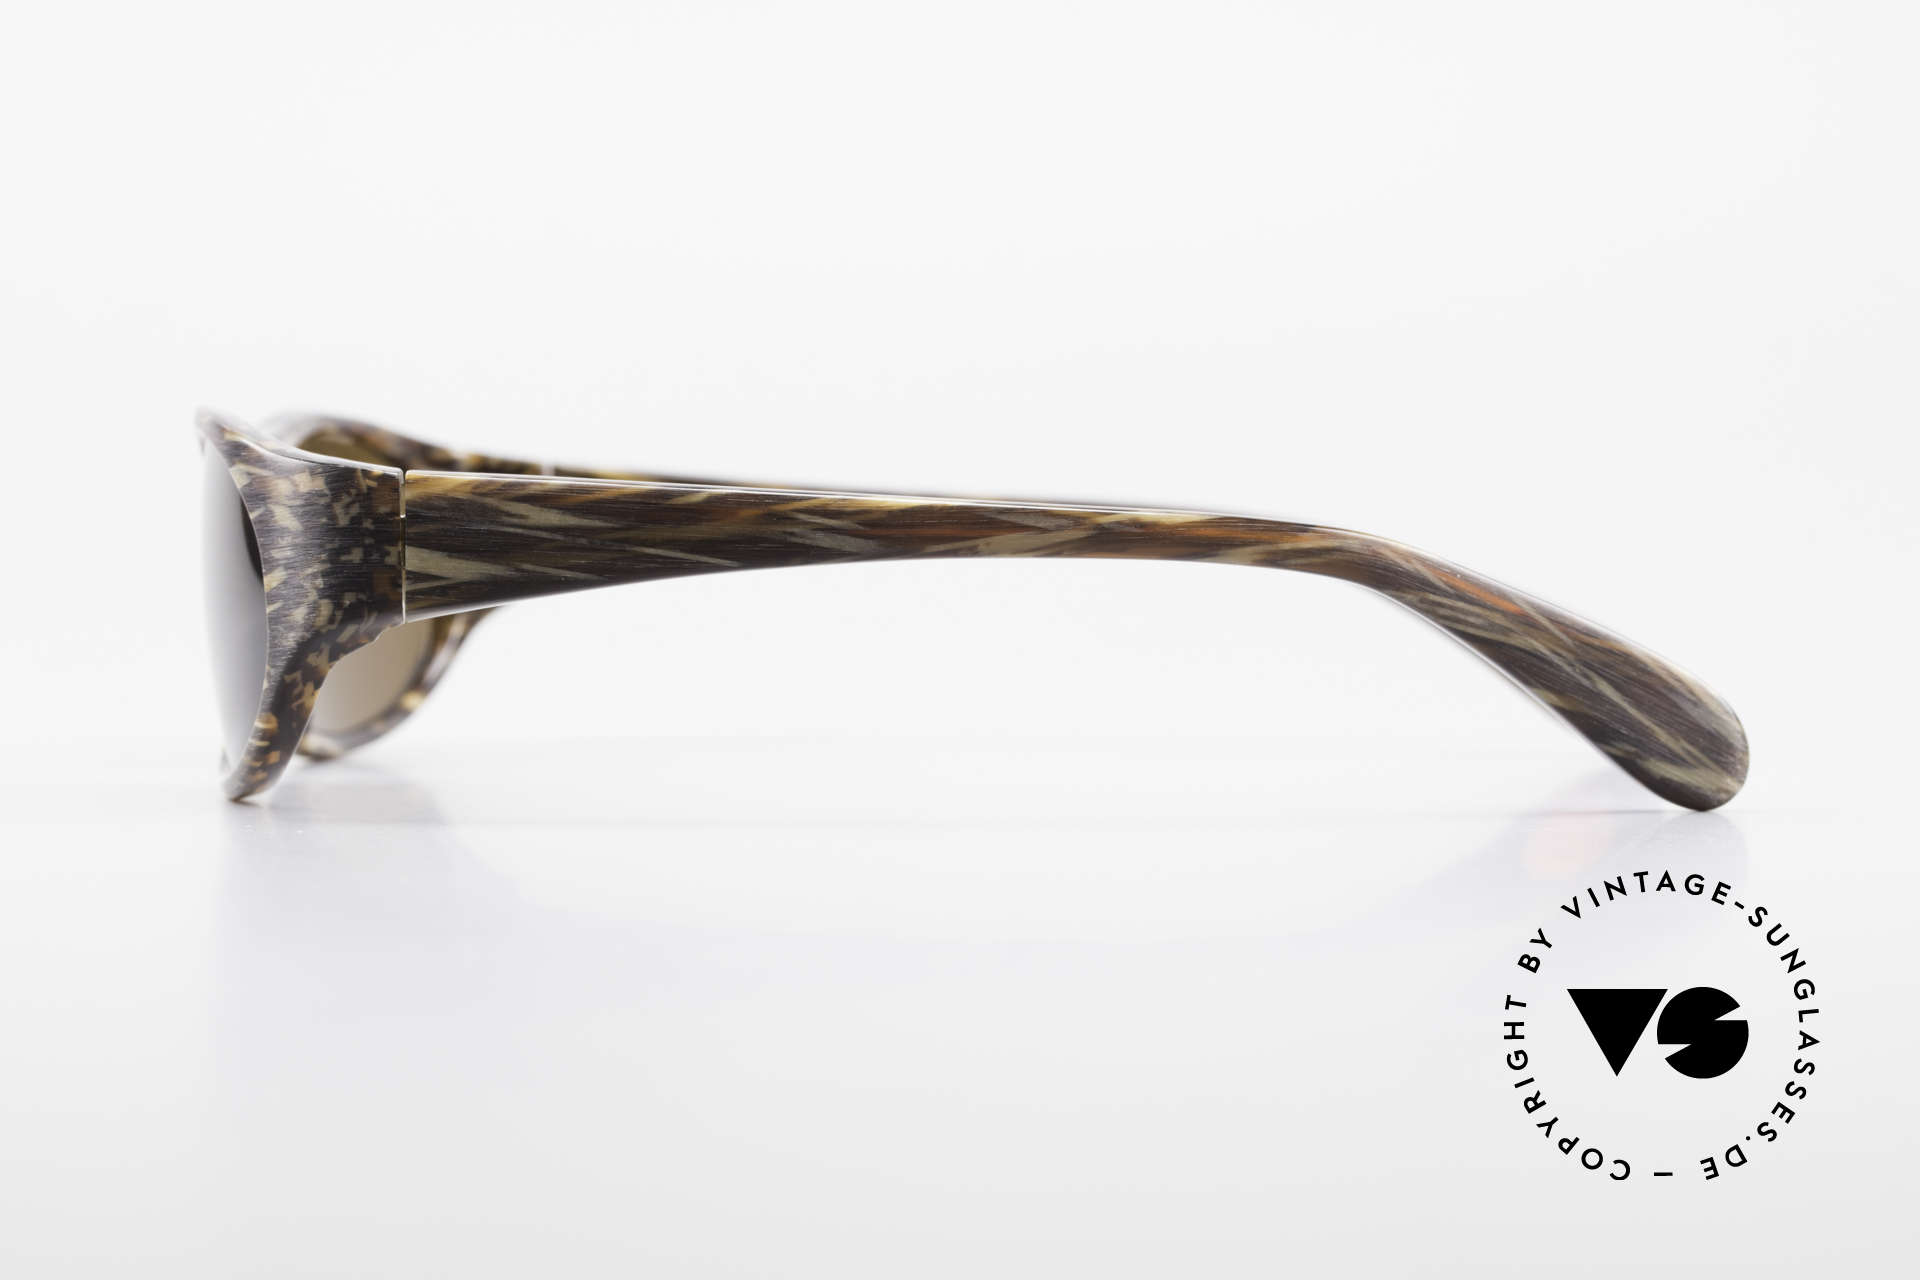 Bugatti 220 Designer Luxus Sonnenbrille, selten, da damals nur als Kleinstserie produziert, Passend für Herren